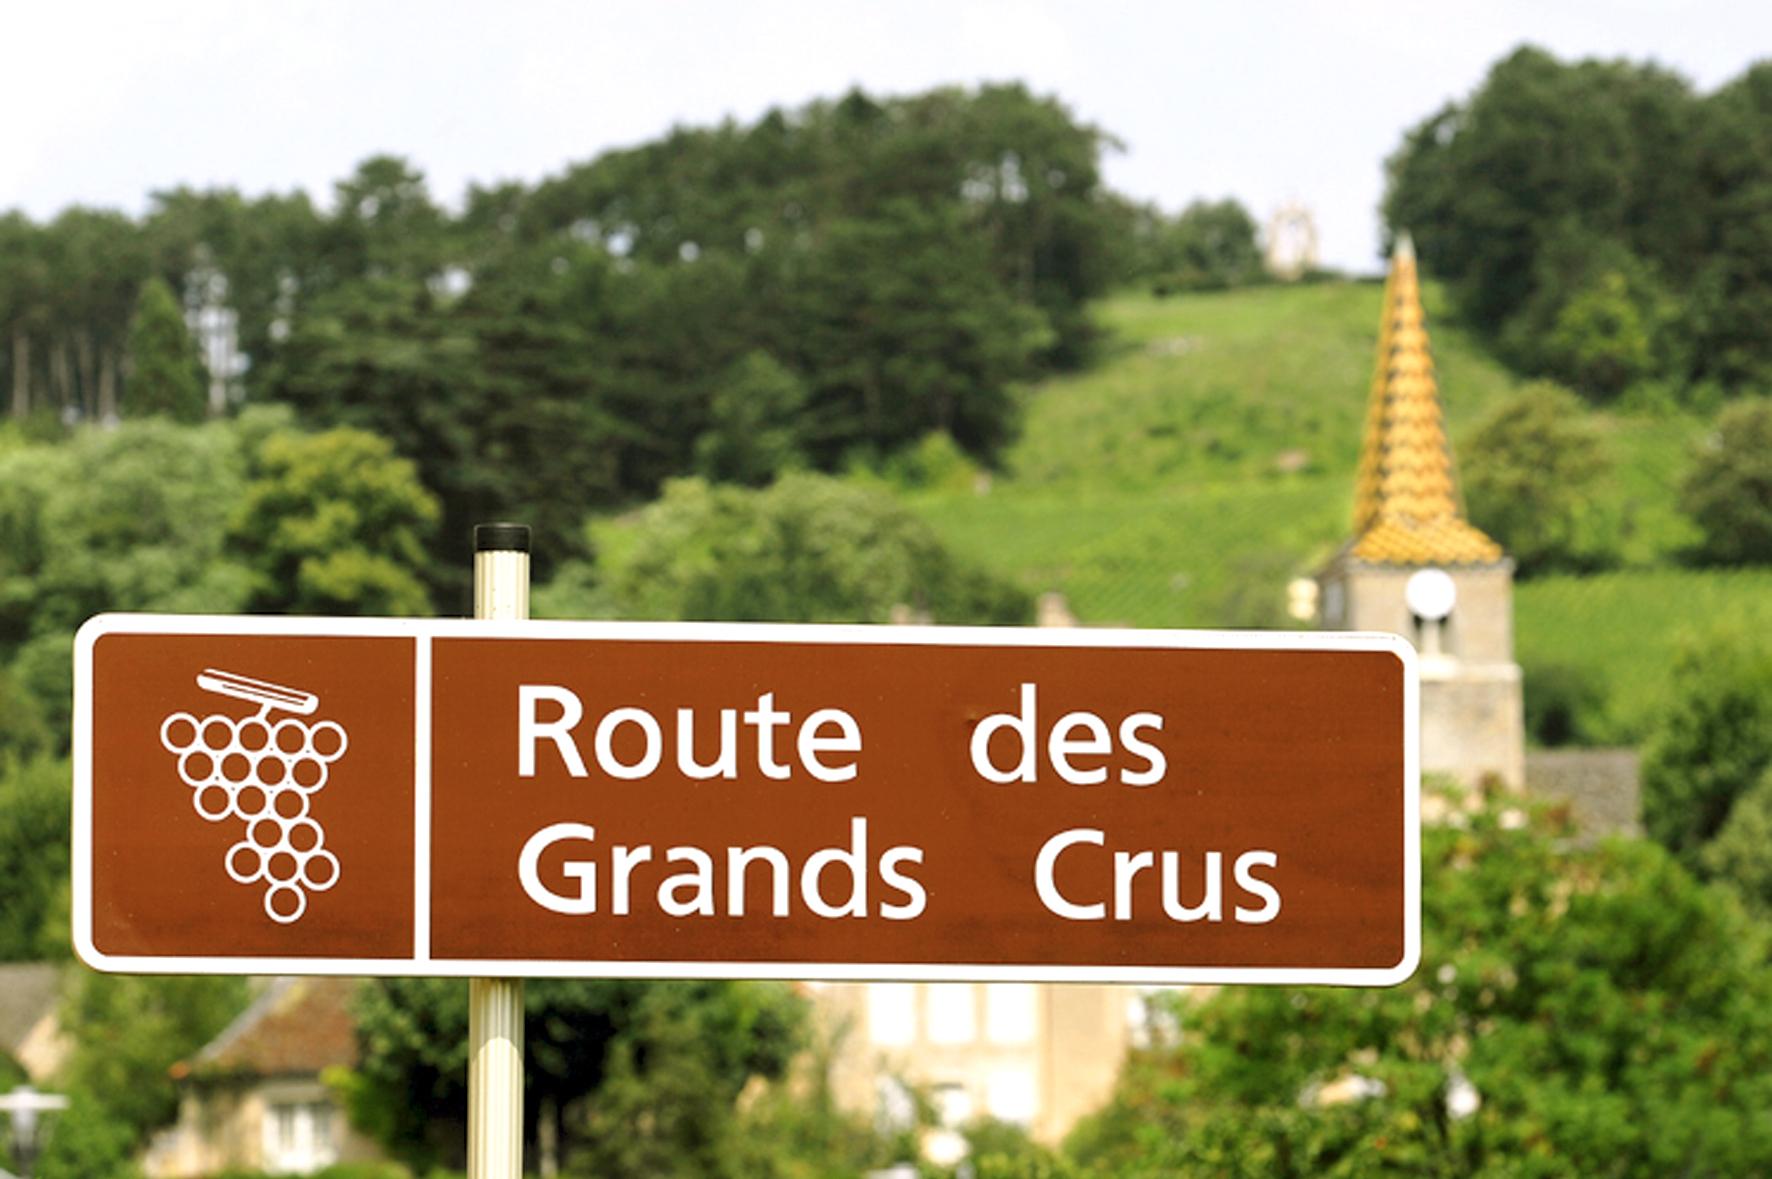 bourgogne-tourisme-route-des-grands-crus